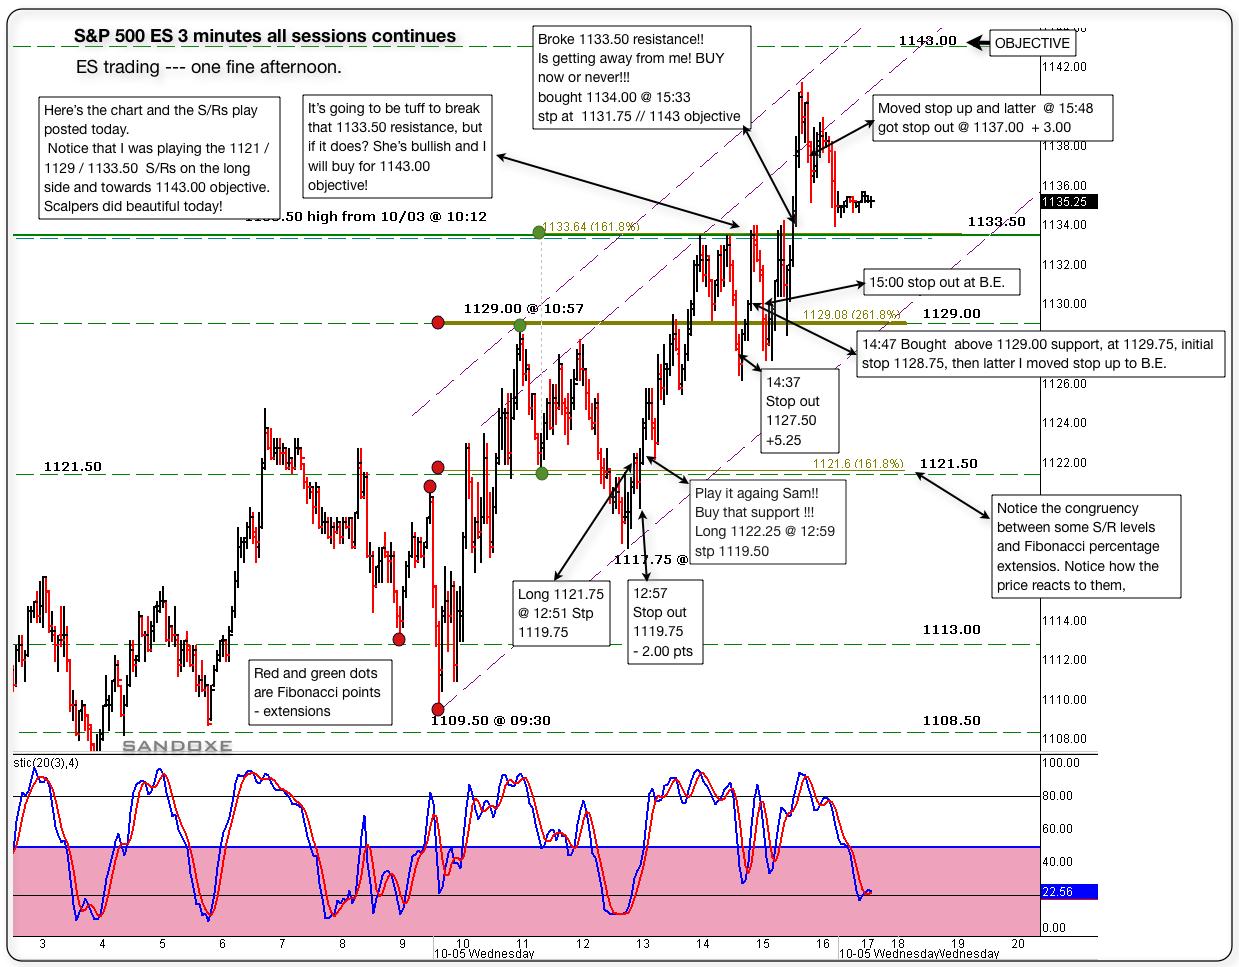 sp 500 es 3 minute chart 10052011